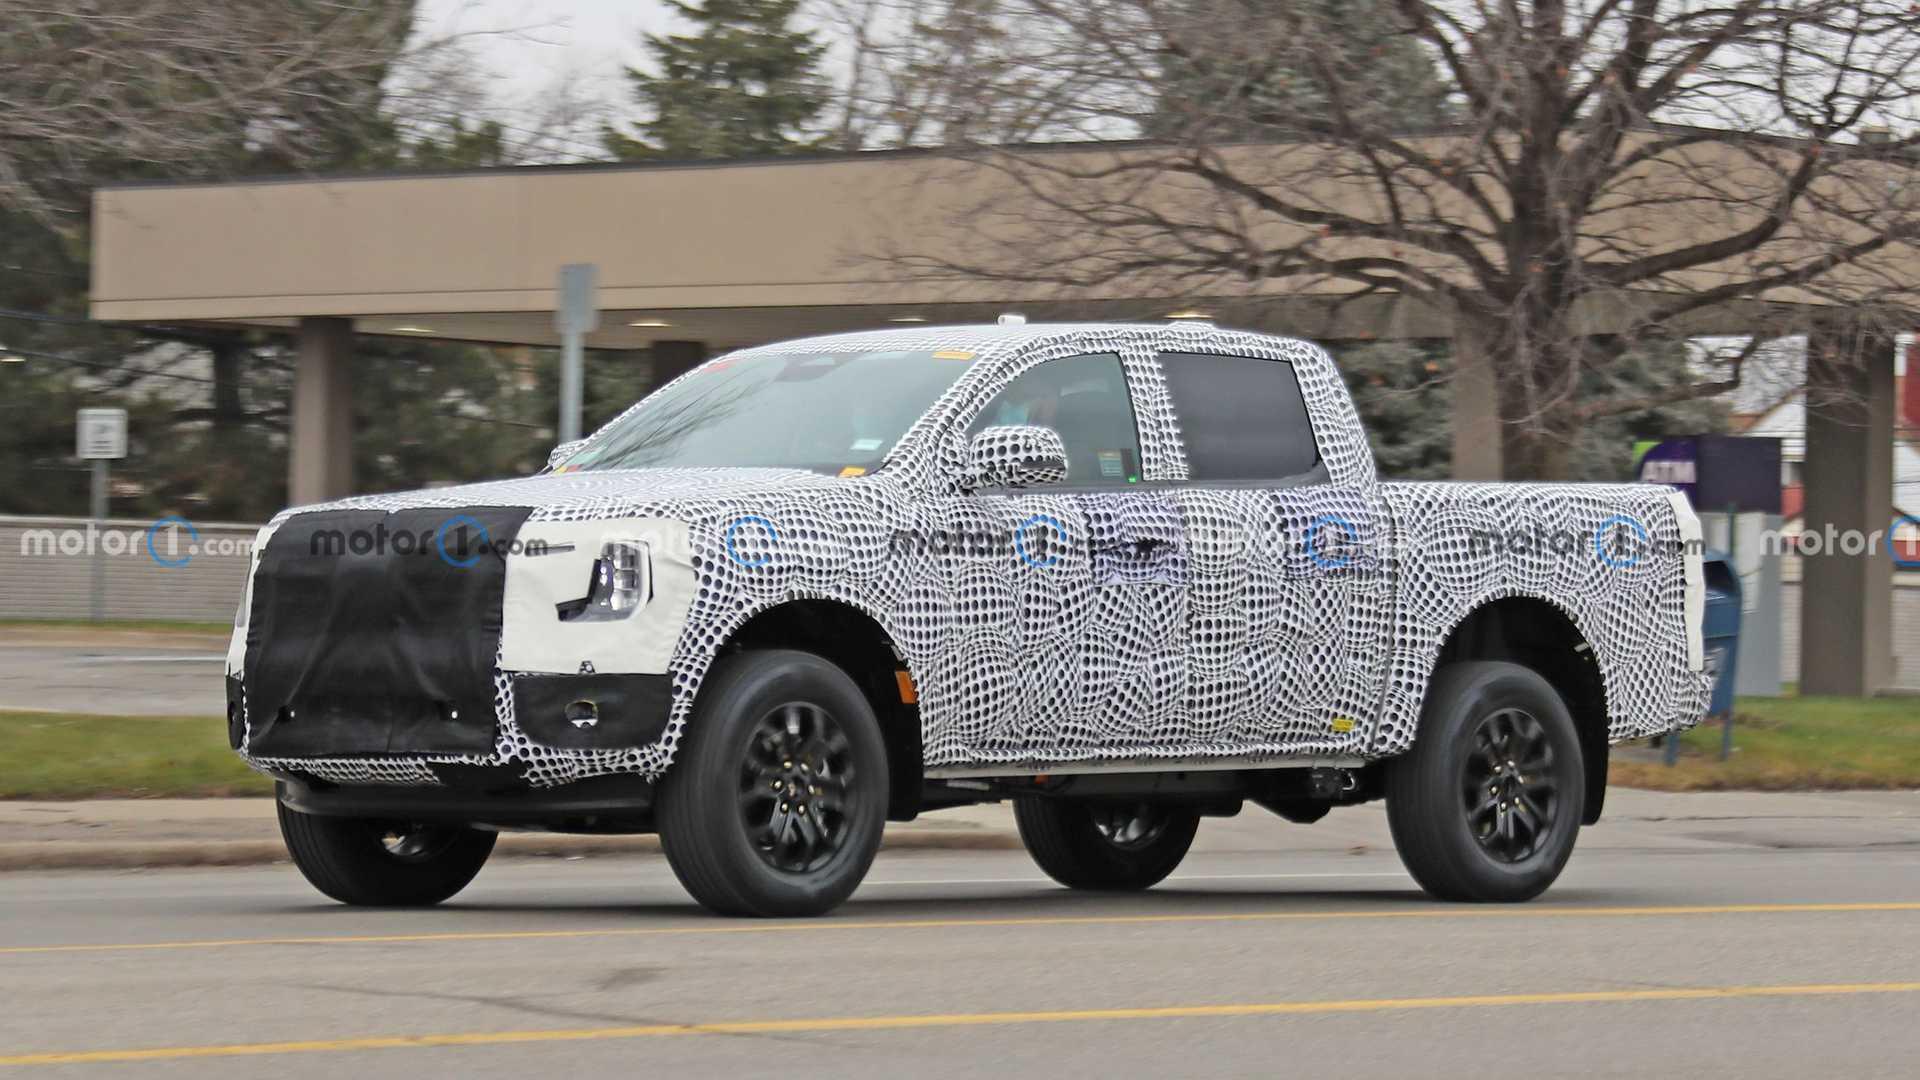 Предполагается, что Ranger получит гибридный силовой агрегат с 2,3-литровым бензиновым турбомотором